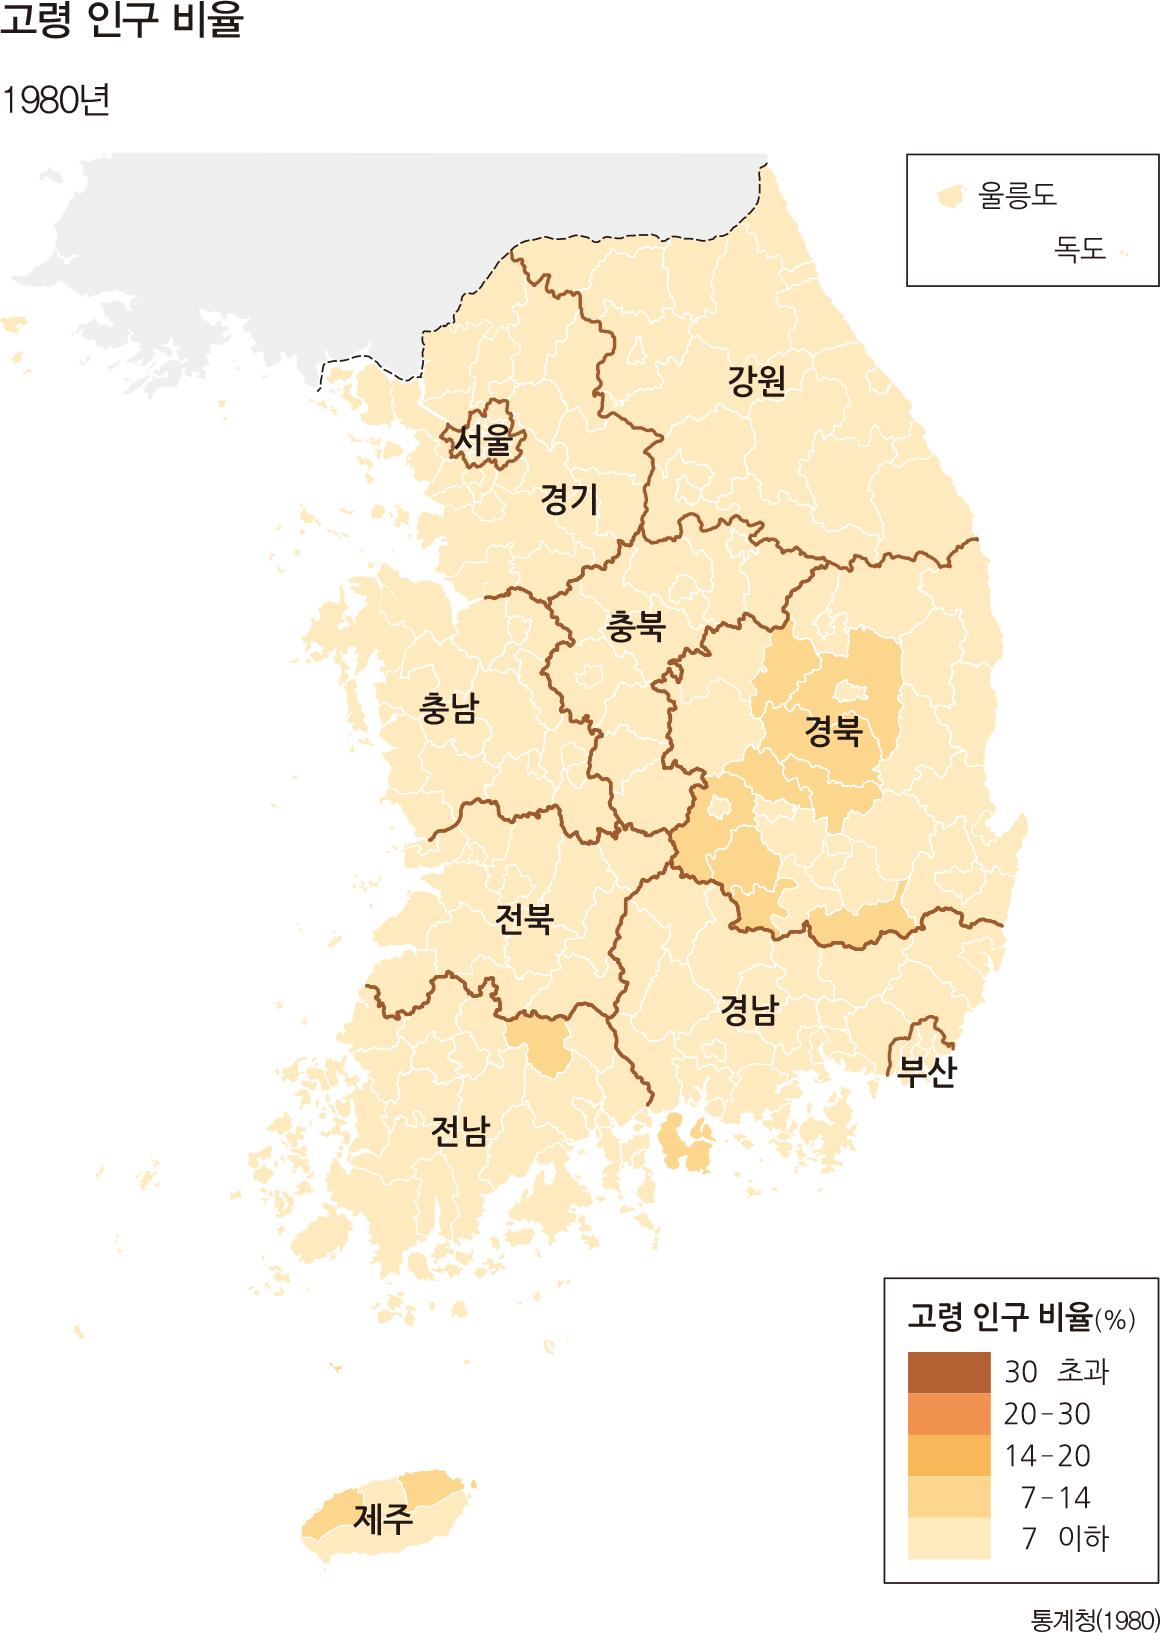 고령 인구 비율 1980년